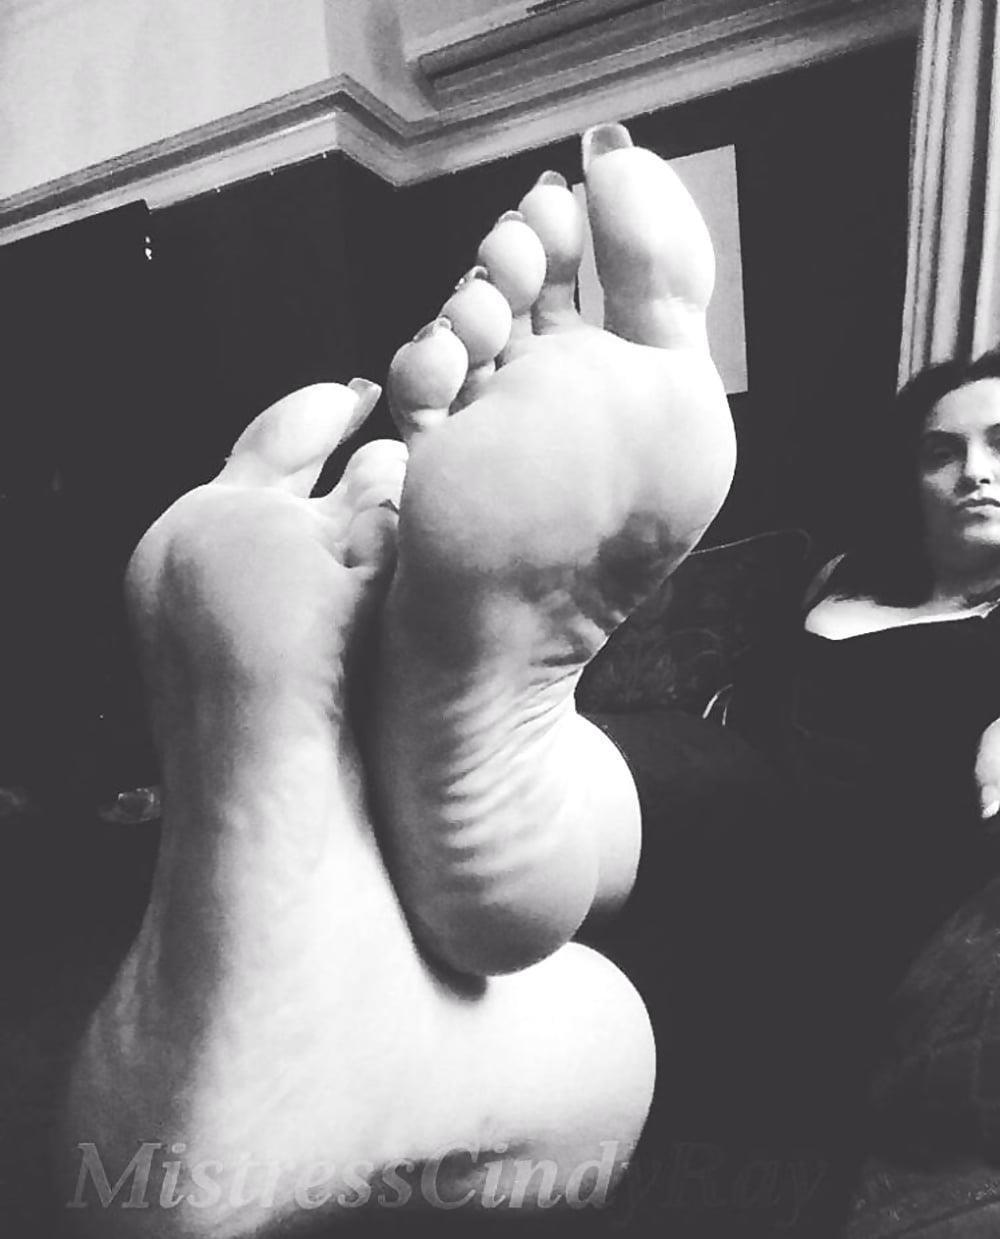 Mistress cindy feet-2523